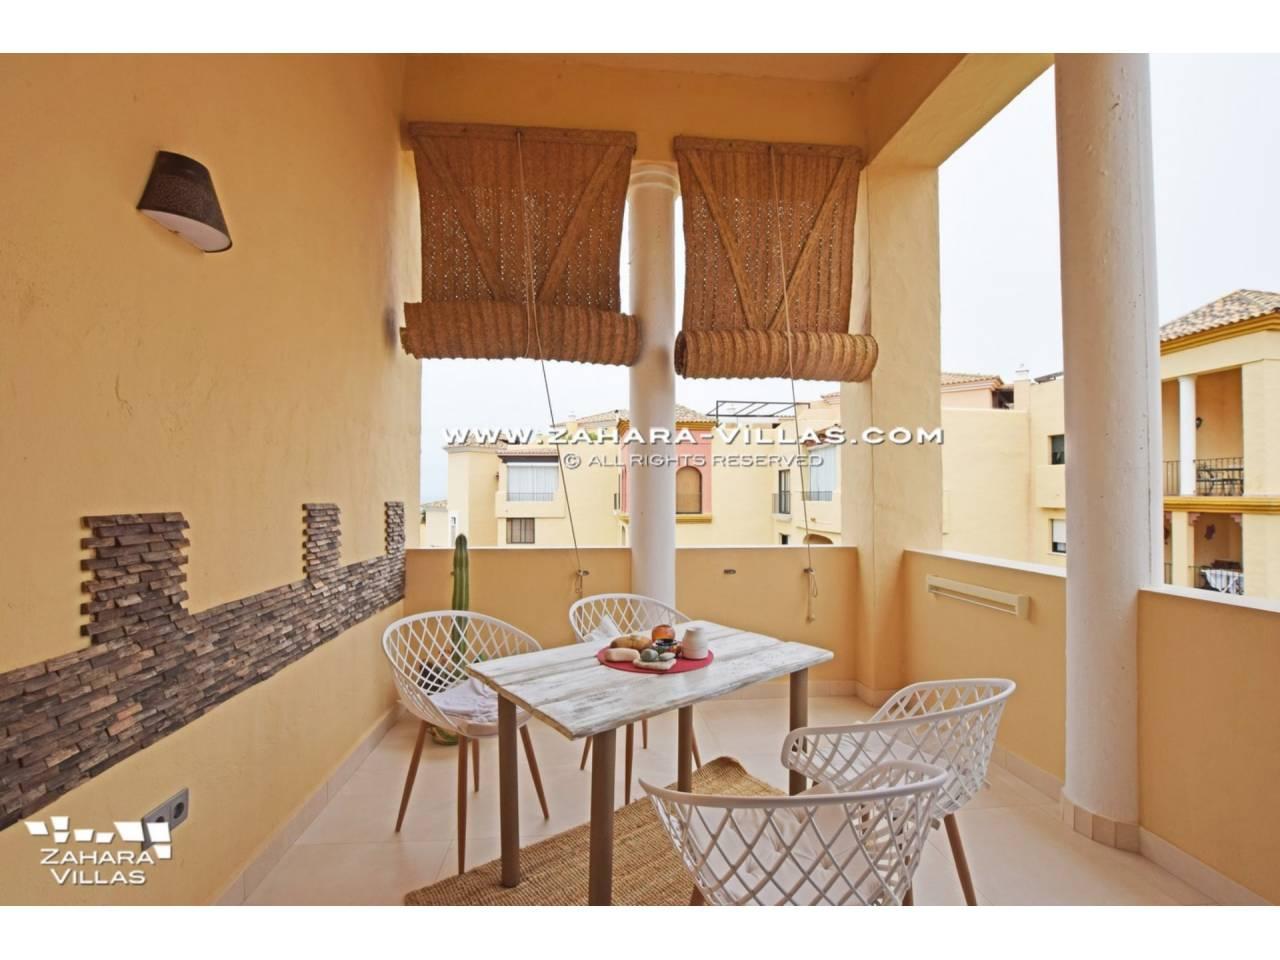 Imagen 7 de Penthouse appartment reformed for sale in Costa de la Luz